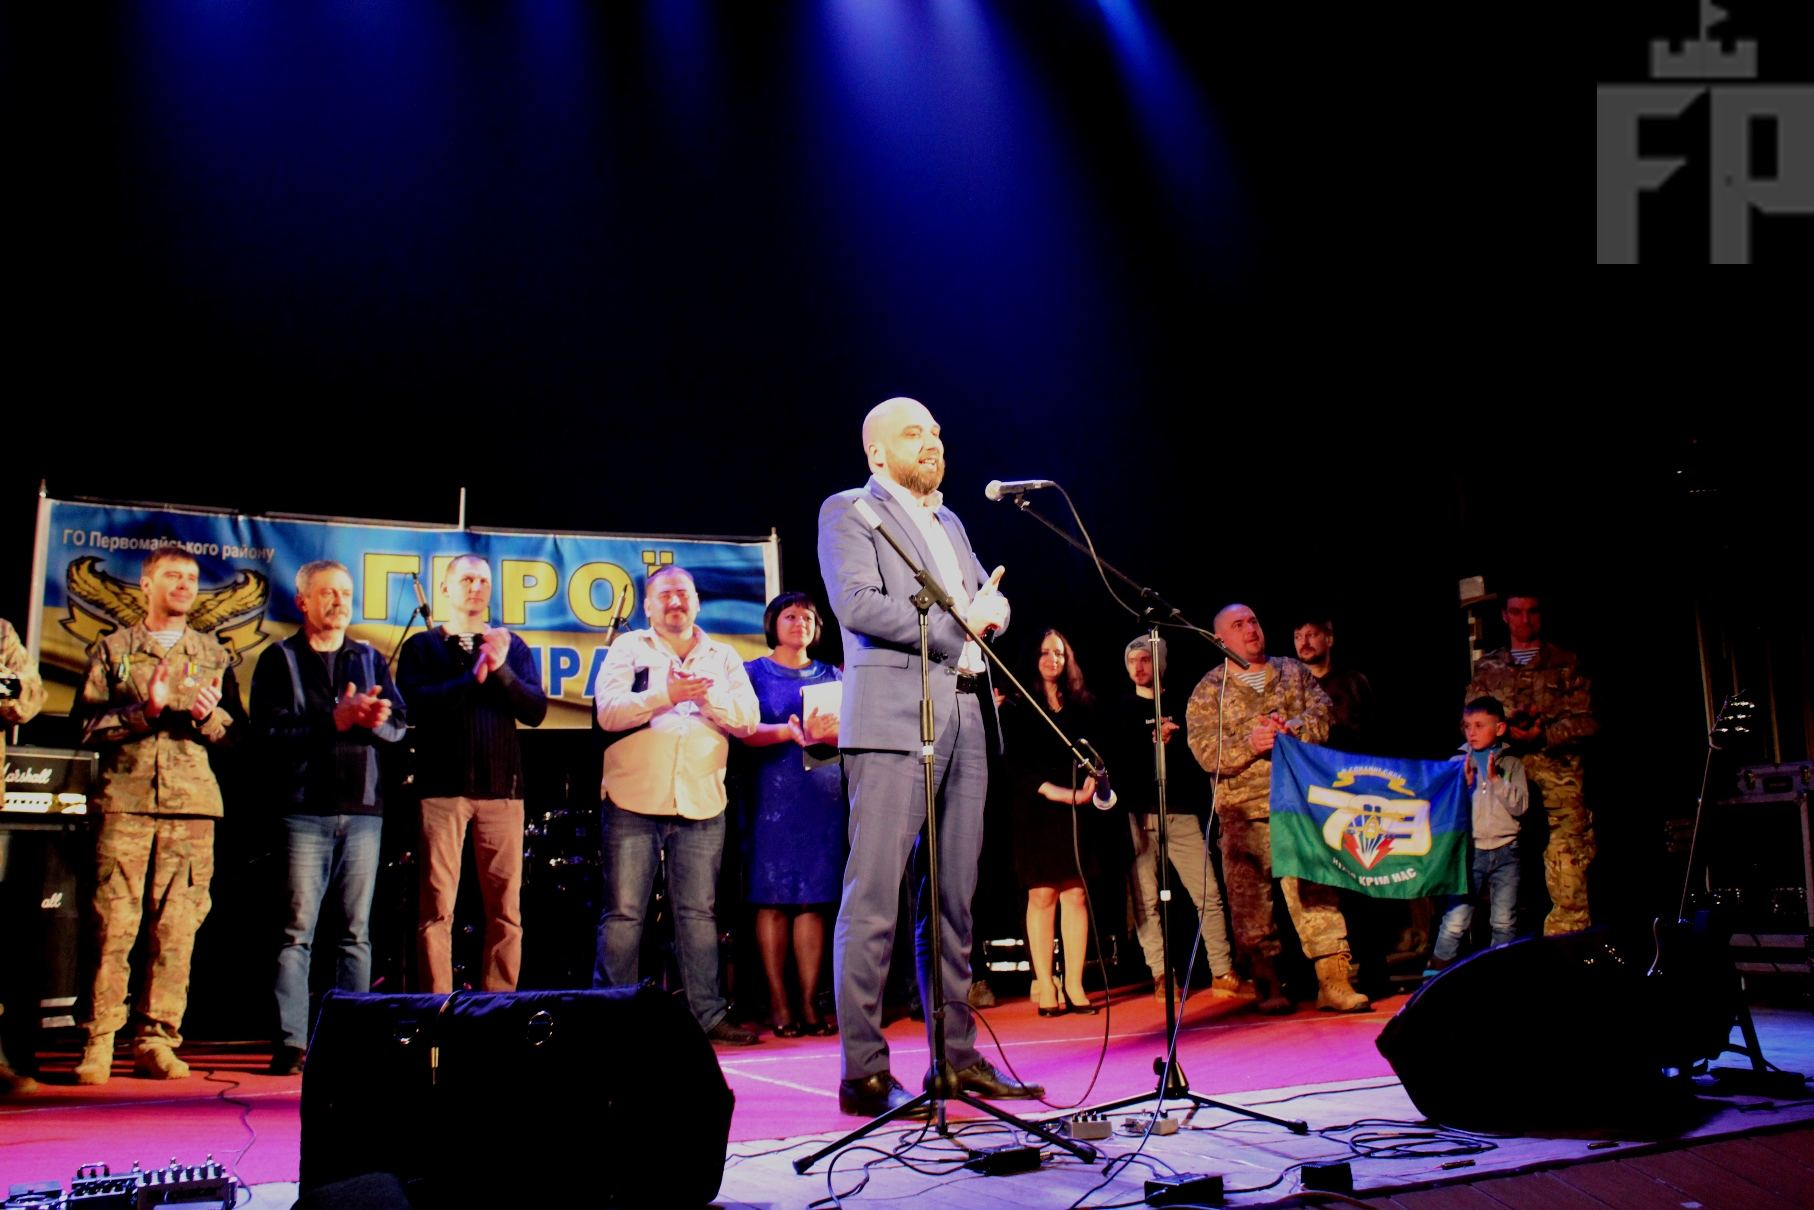 Запоріжці змогли послухати творчість бійців АТО, присвячену побратимам (фото)